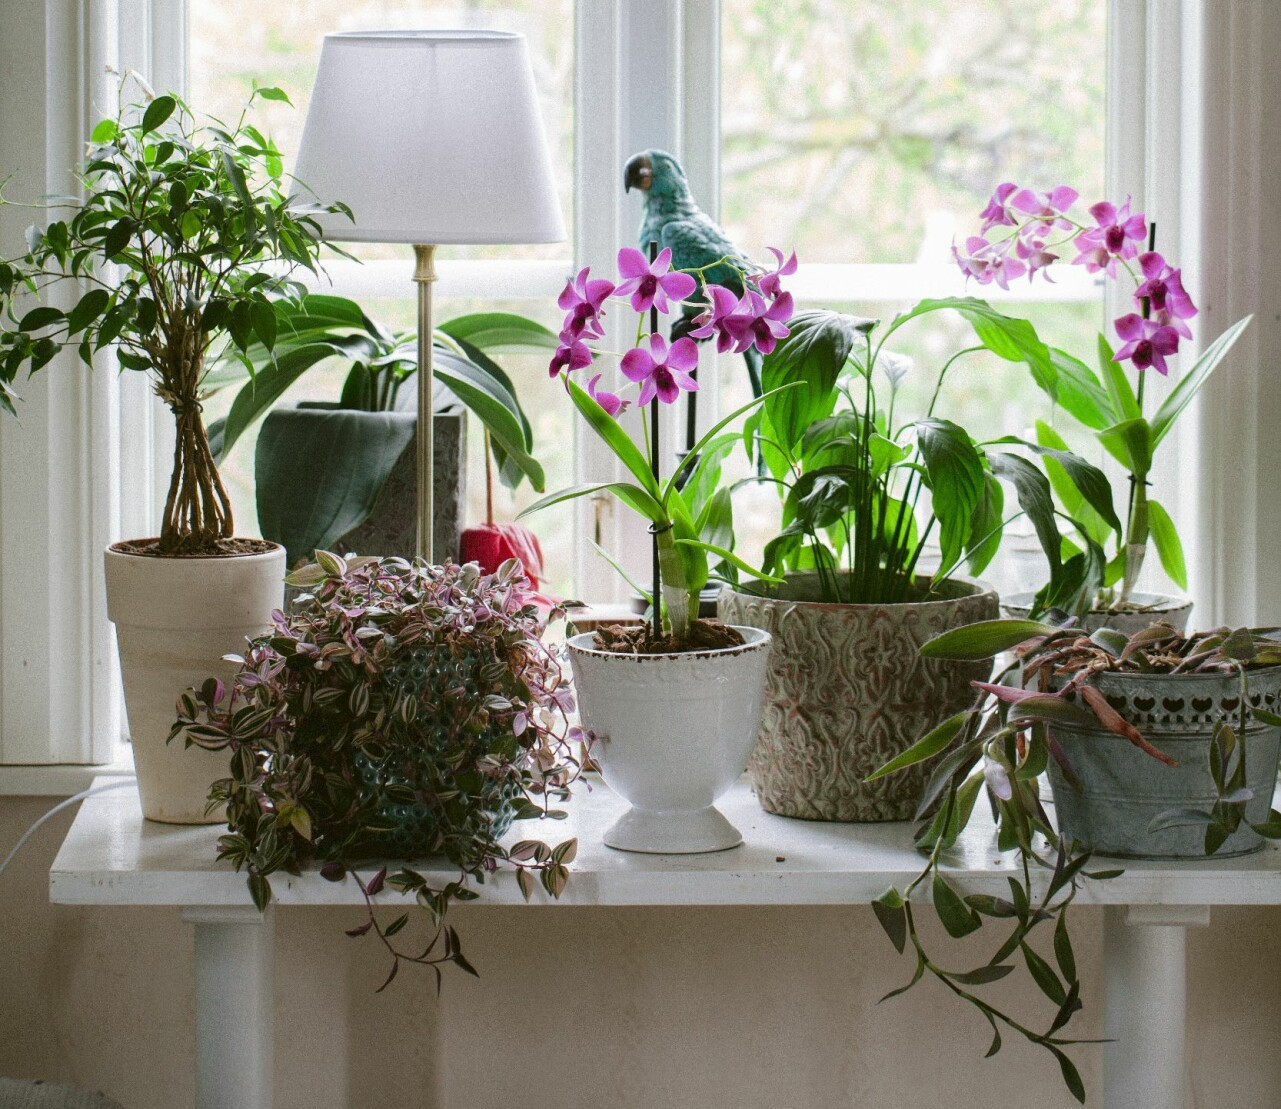 Orkidéer och olika typer av växter i ett fönster.